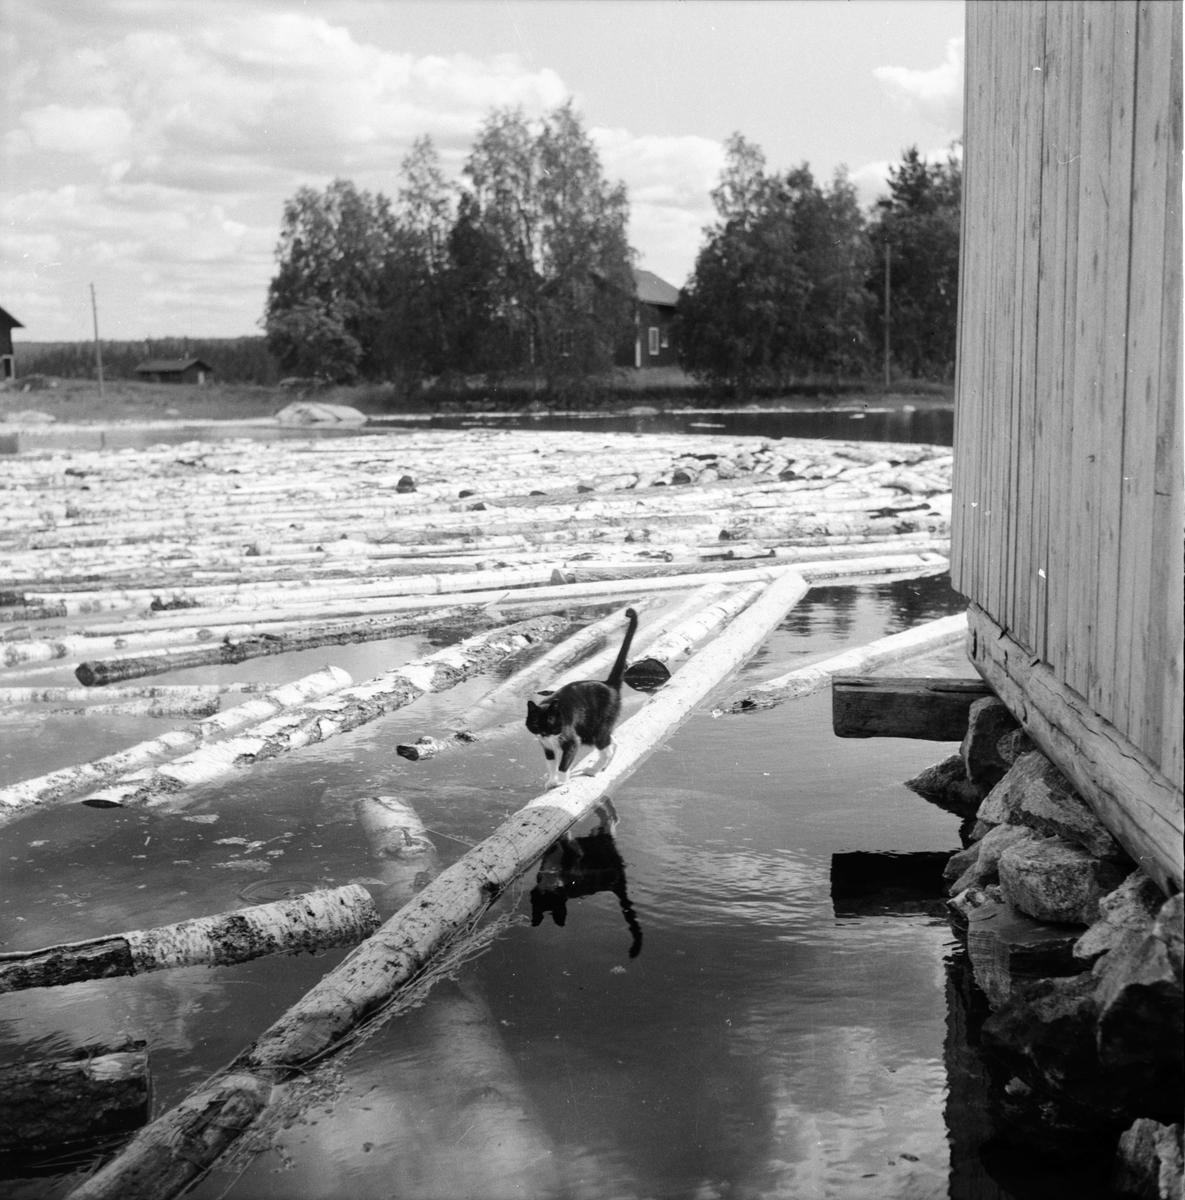 Mållångstad, Gullberg, Konsum, 20 Juli 1960